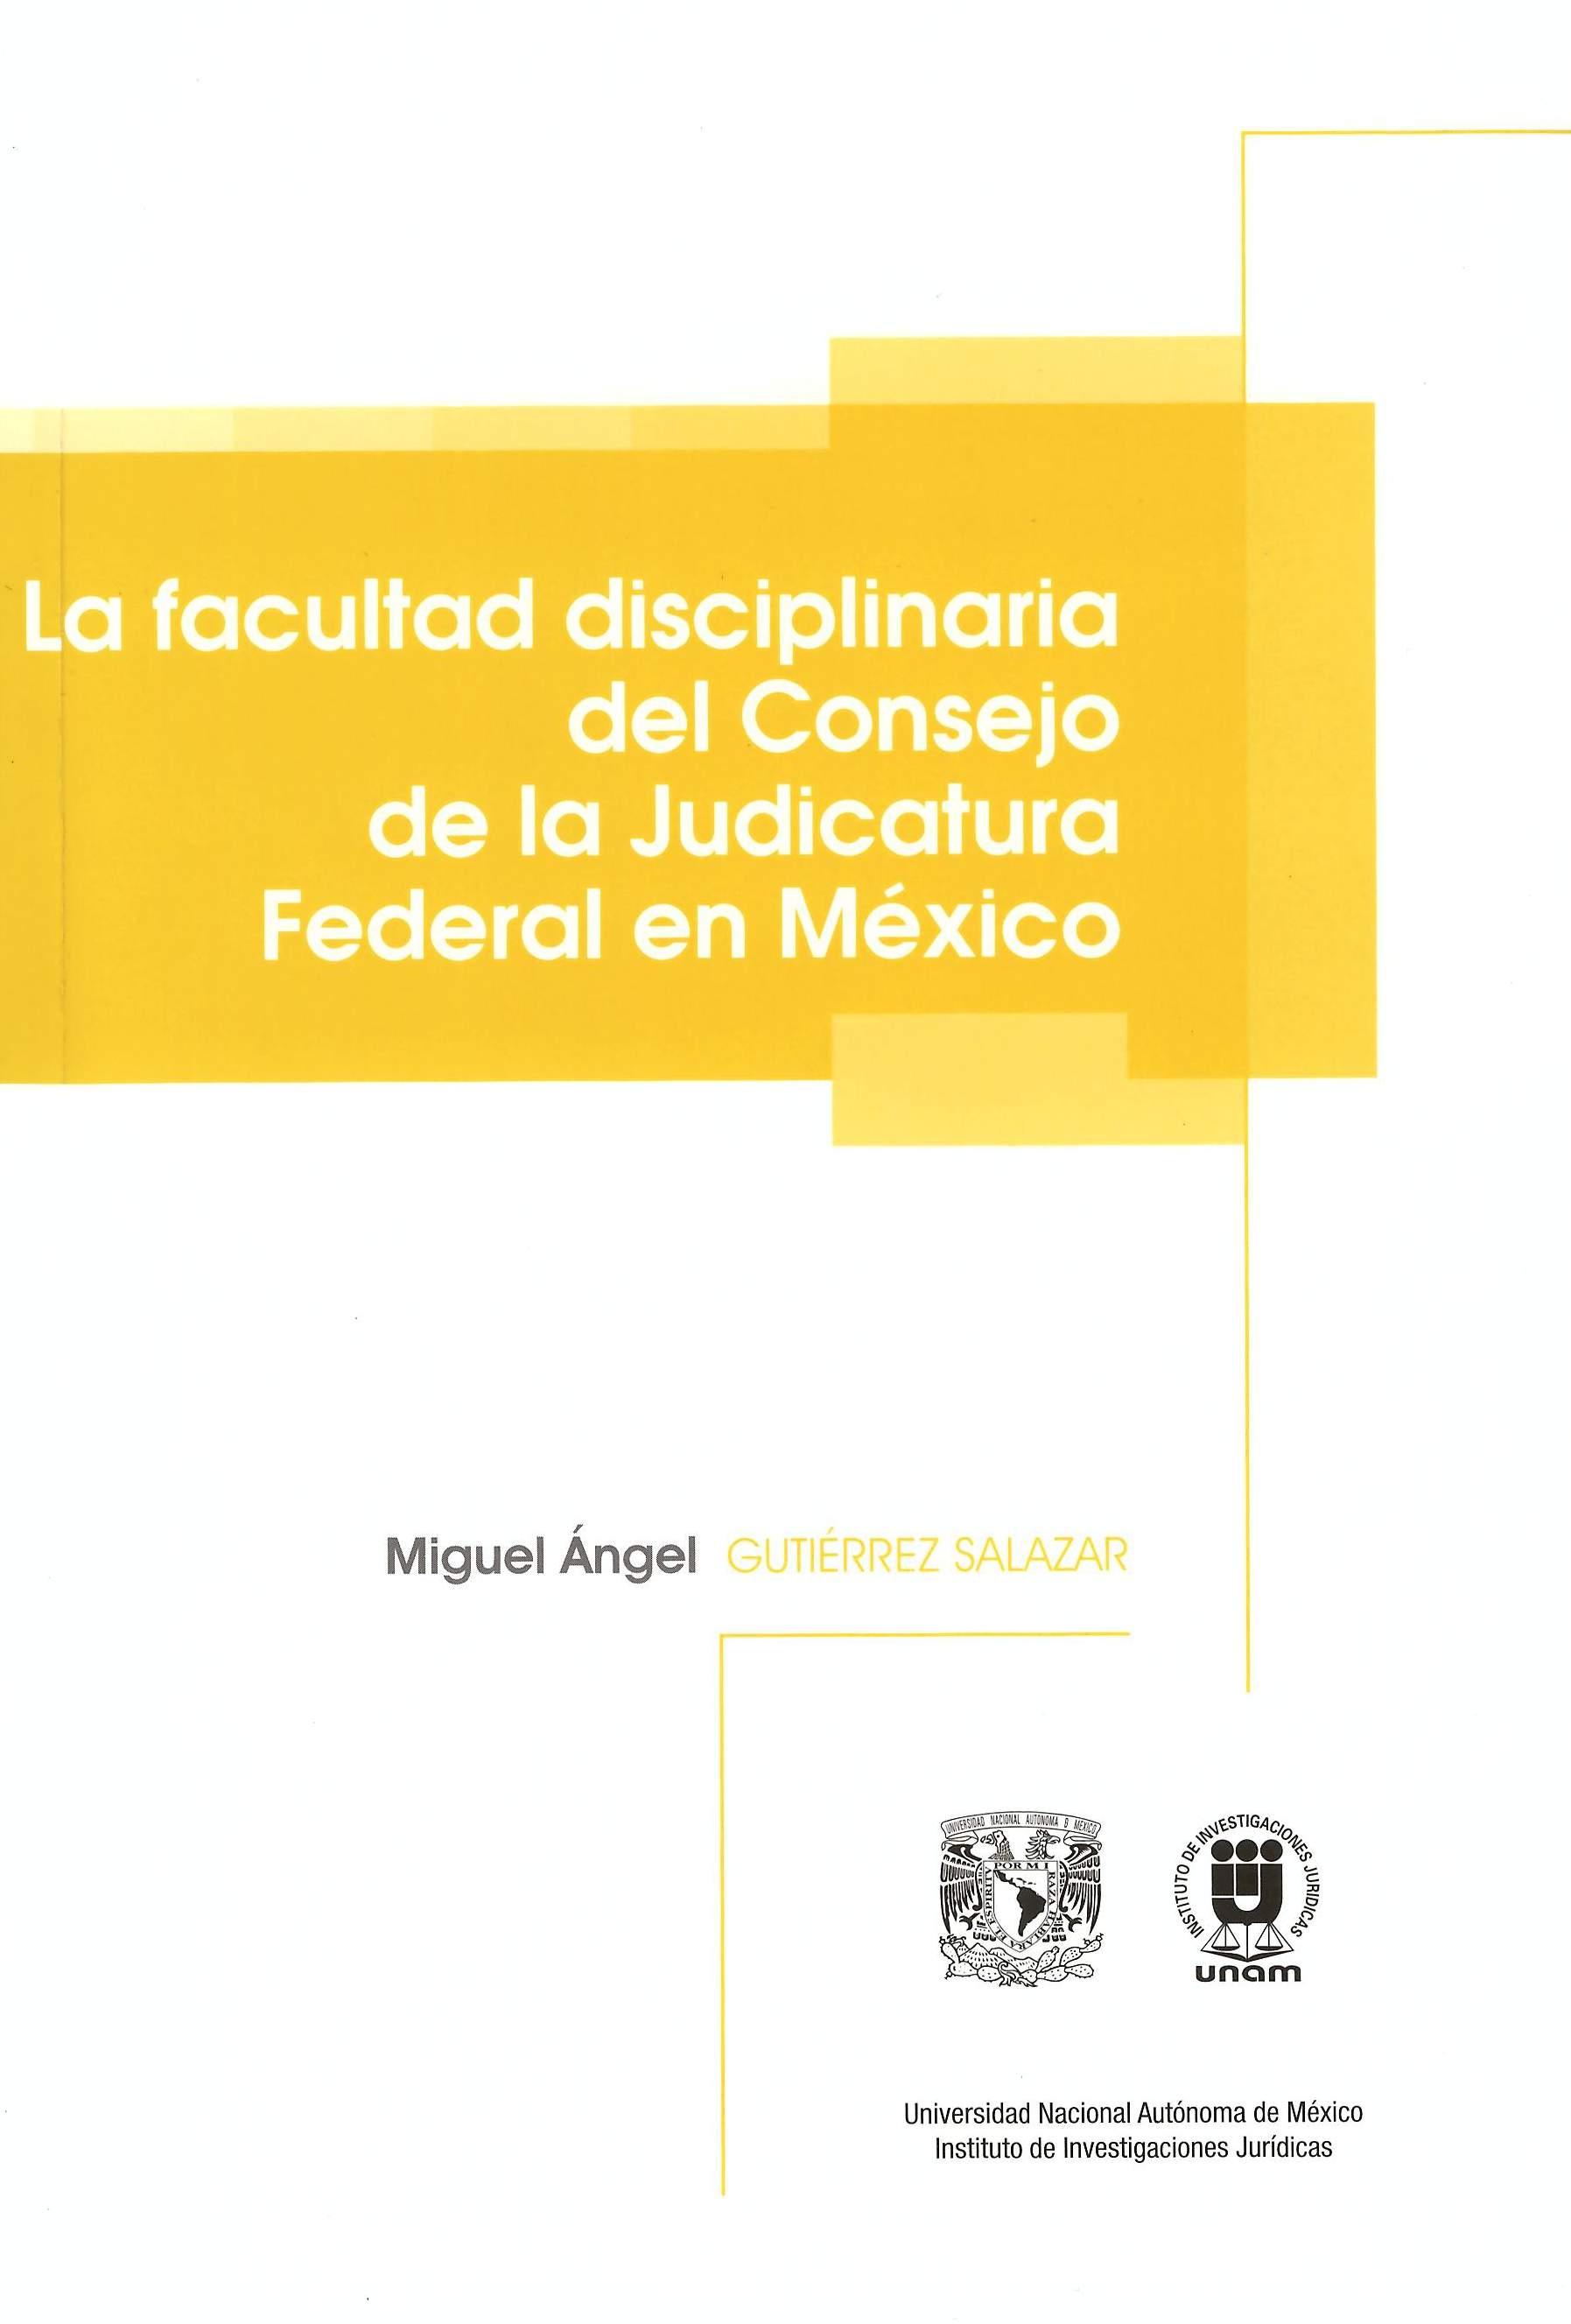 La facultad disciplinaria del Consejo de la Judicatura Federal en México